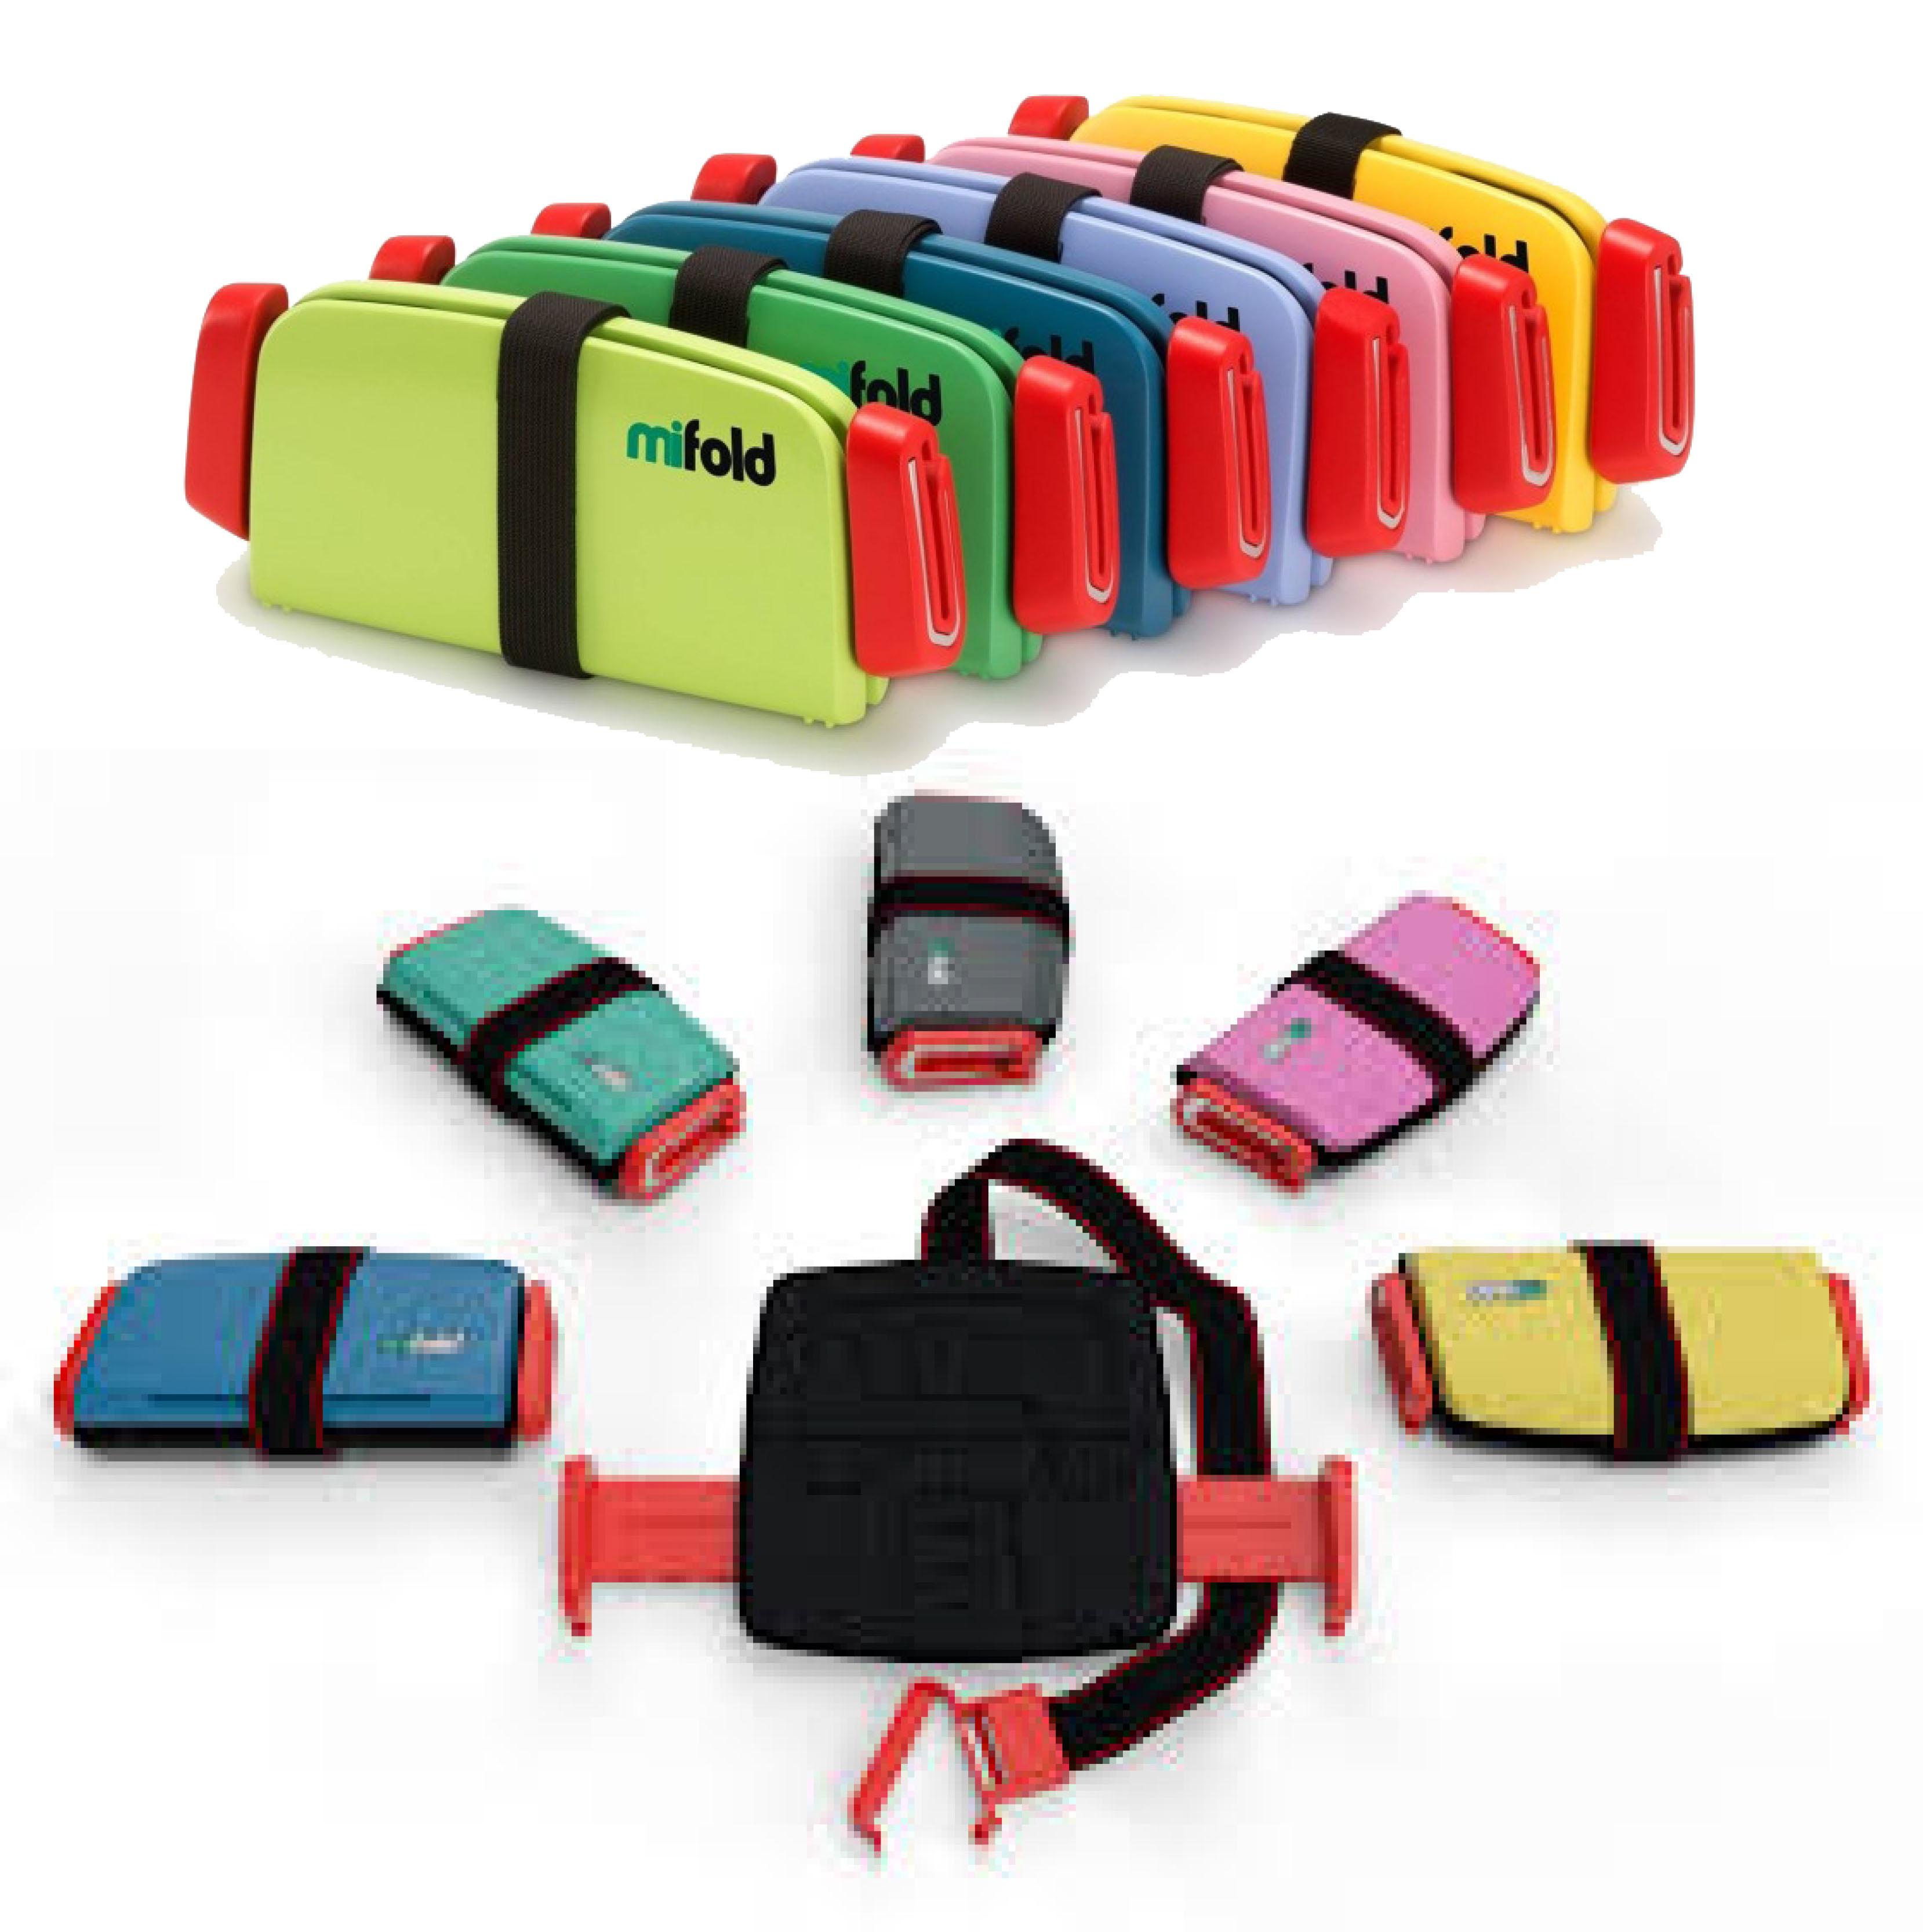 英國 mifold 兒童汽車安全椅4~12歲(多色可挑)『121婦嬰用品館』 1